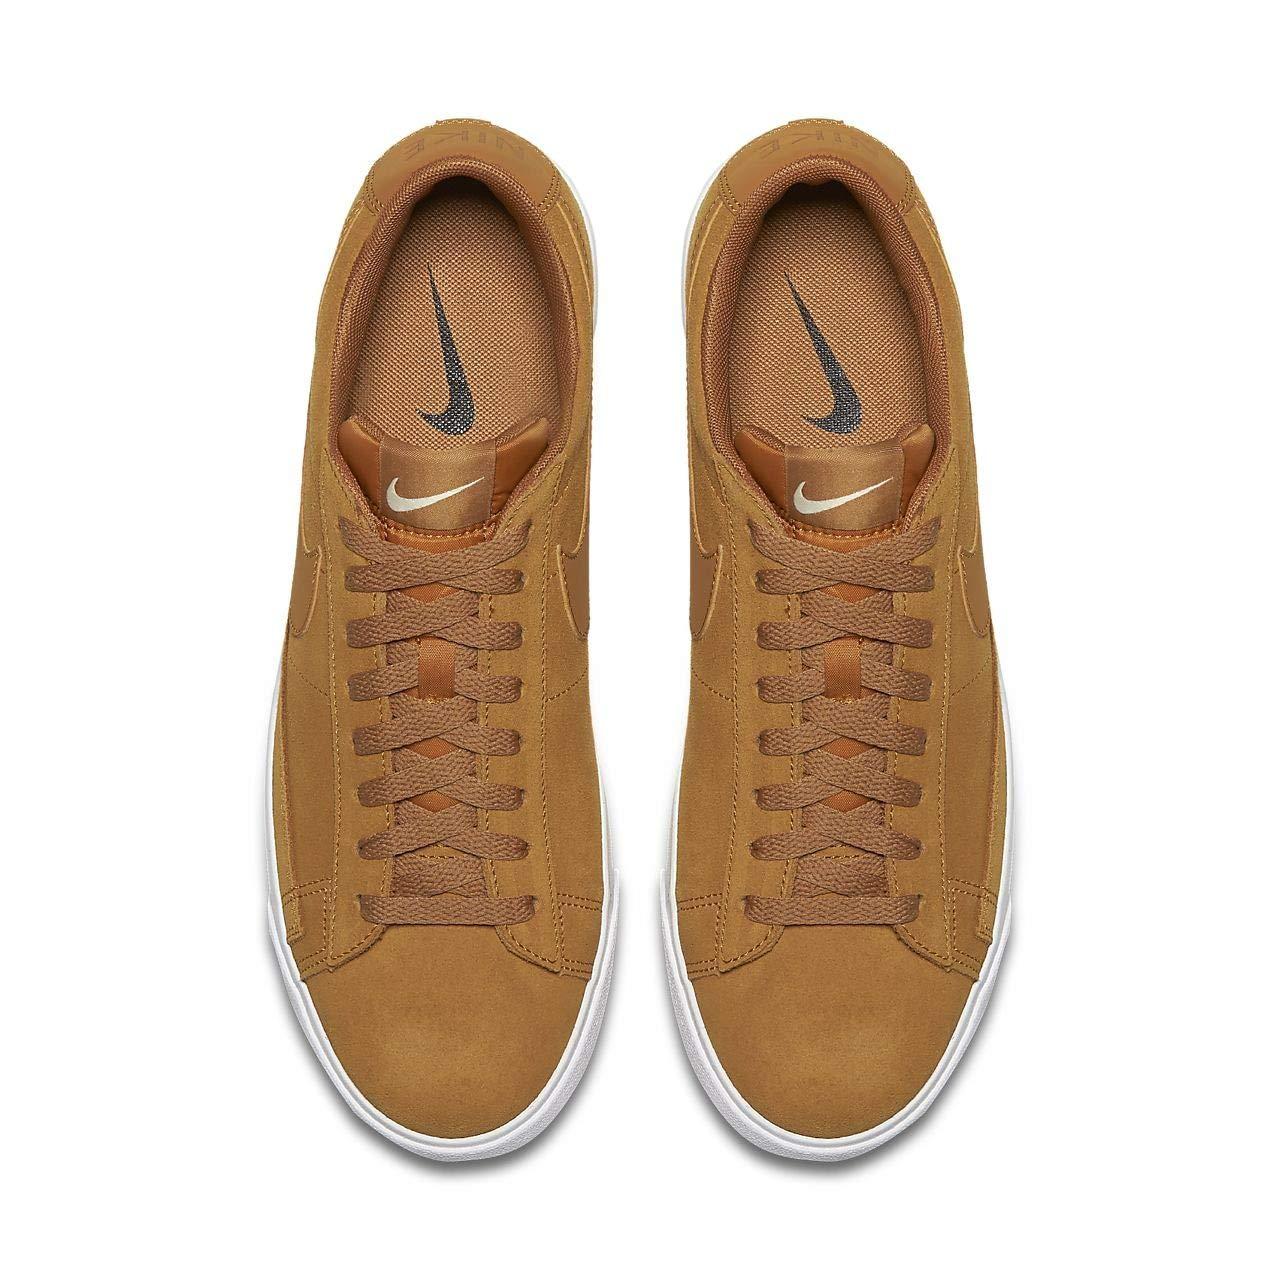 Nike Blazer Zapatillas de Gamuza Baja para Hombre, Color